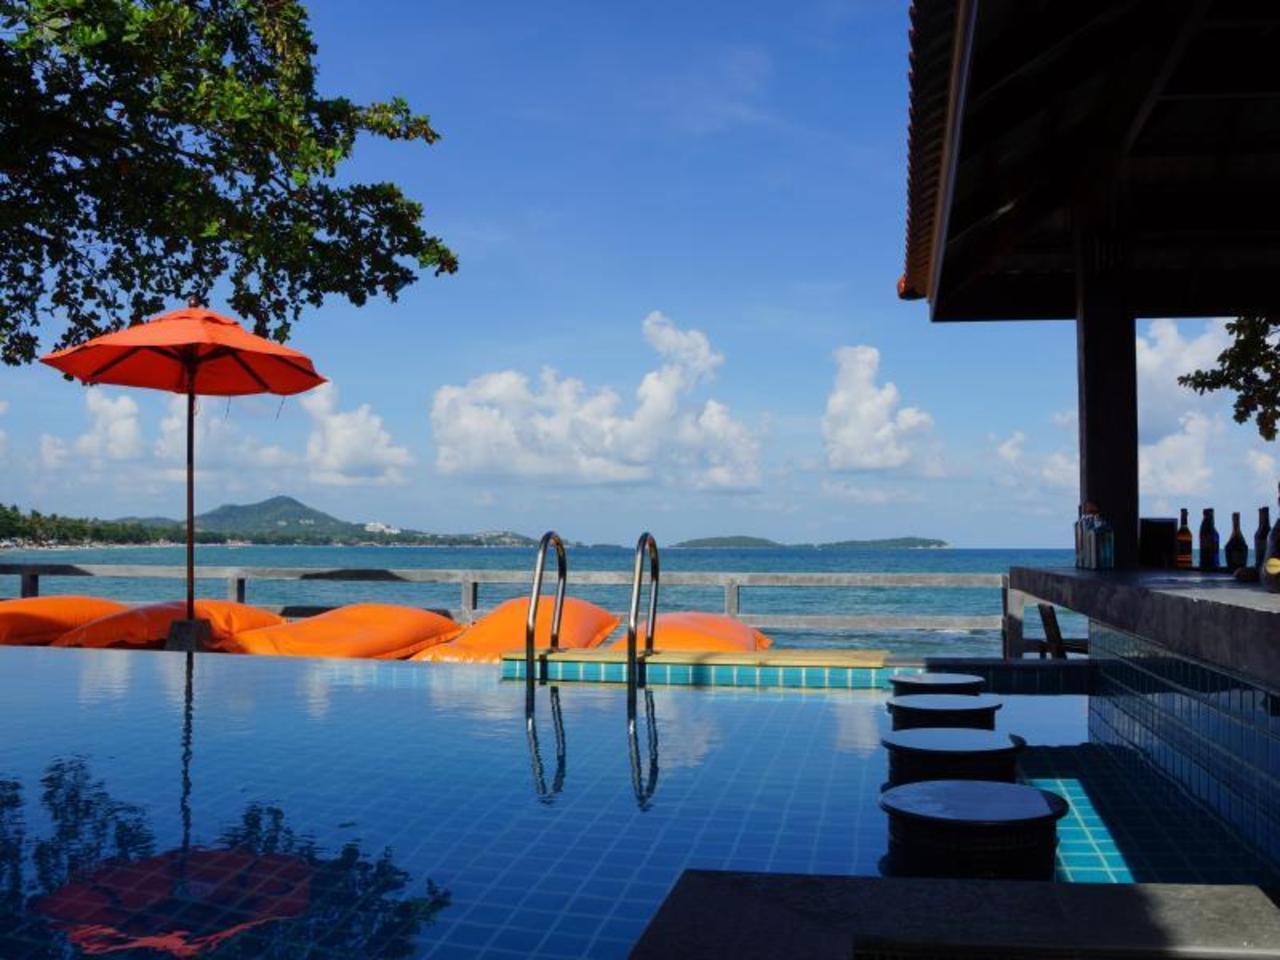 บุณฑรีก์ เฉวง บีช รีสอร์ท เกาะสมุย (Bhundhari Chaweng Beach Resort Koh Samui)